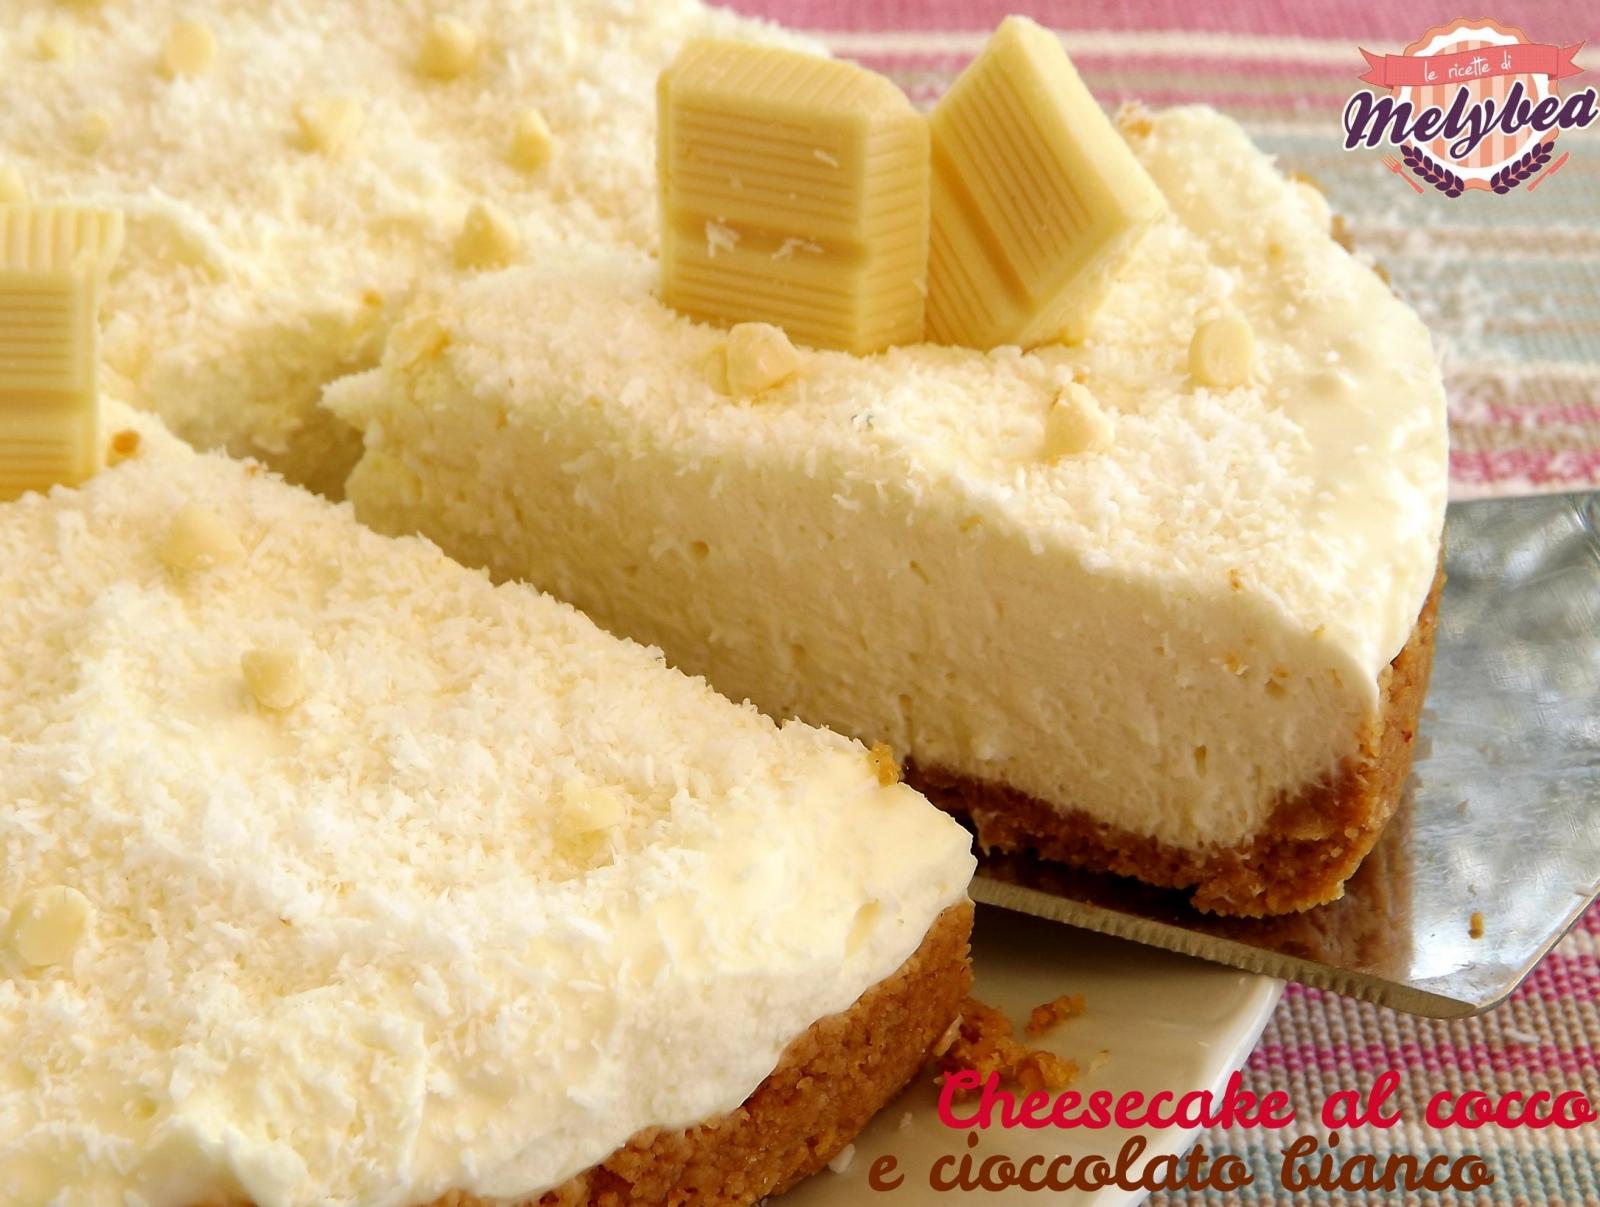 cheesecake al cocco e cioccolato bianco teglia